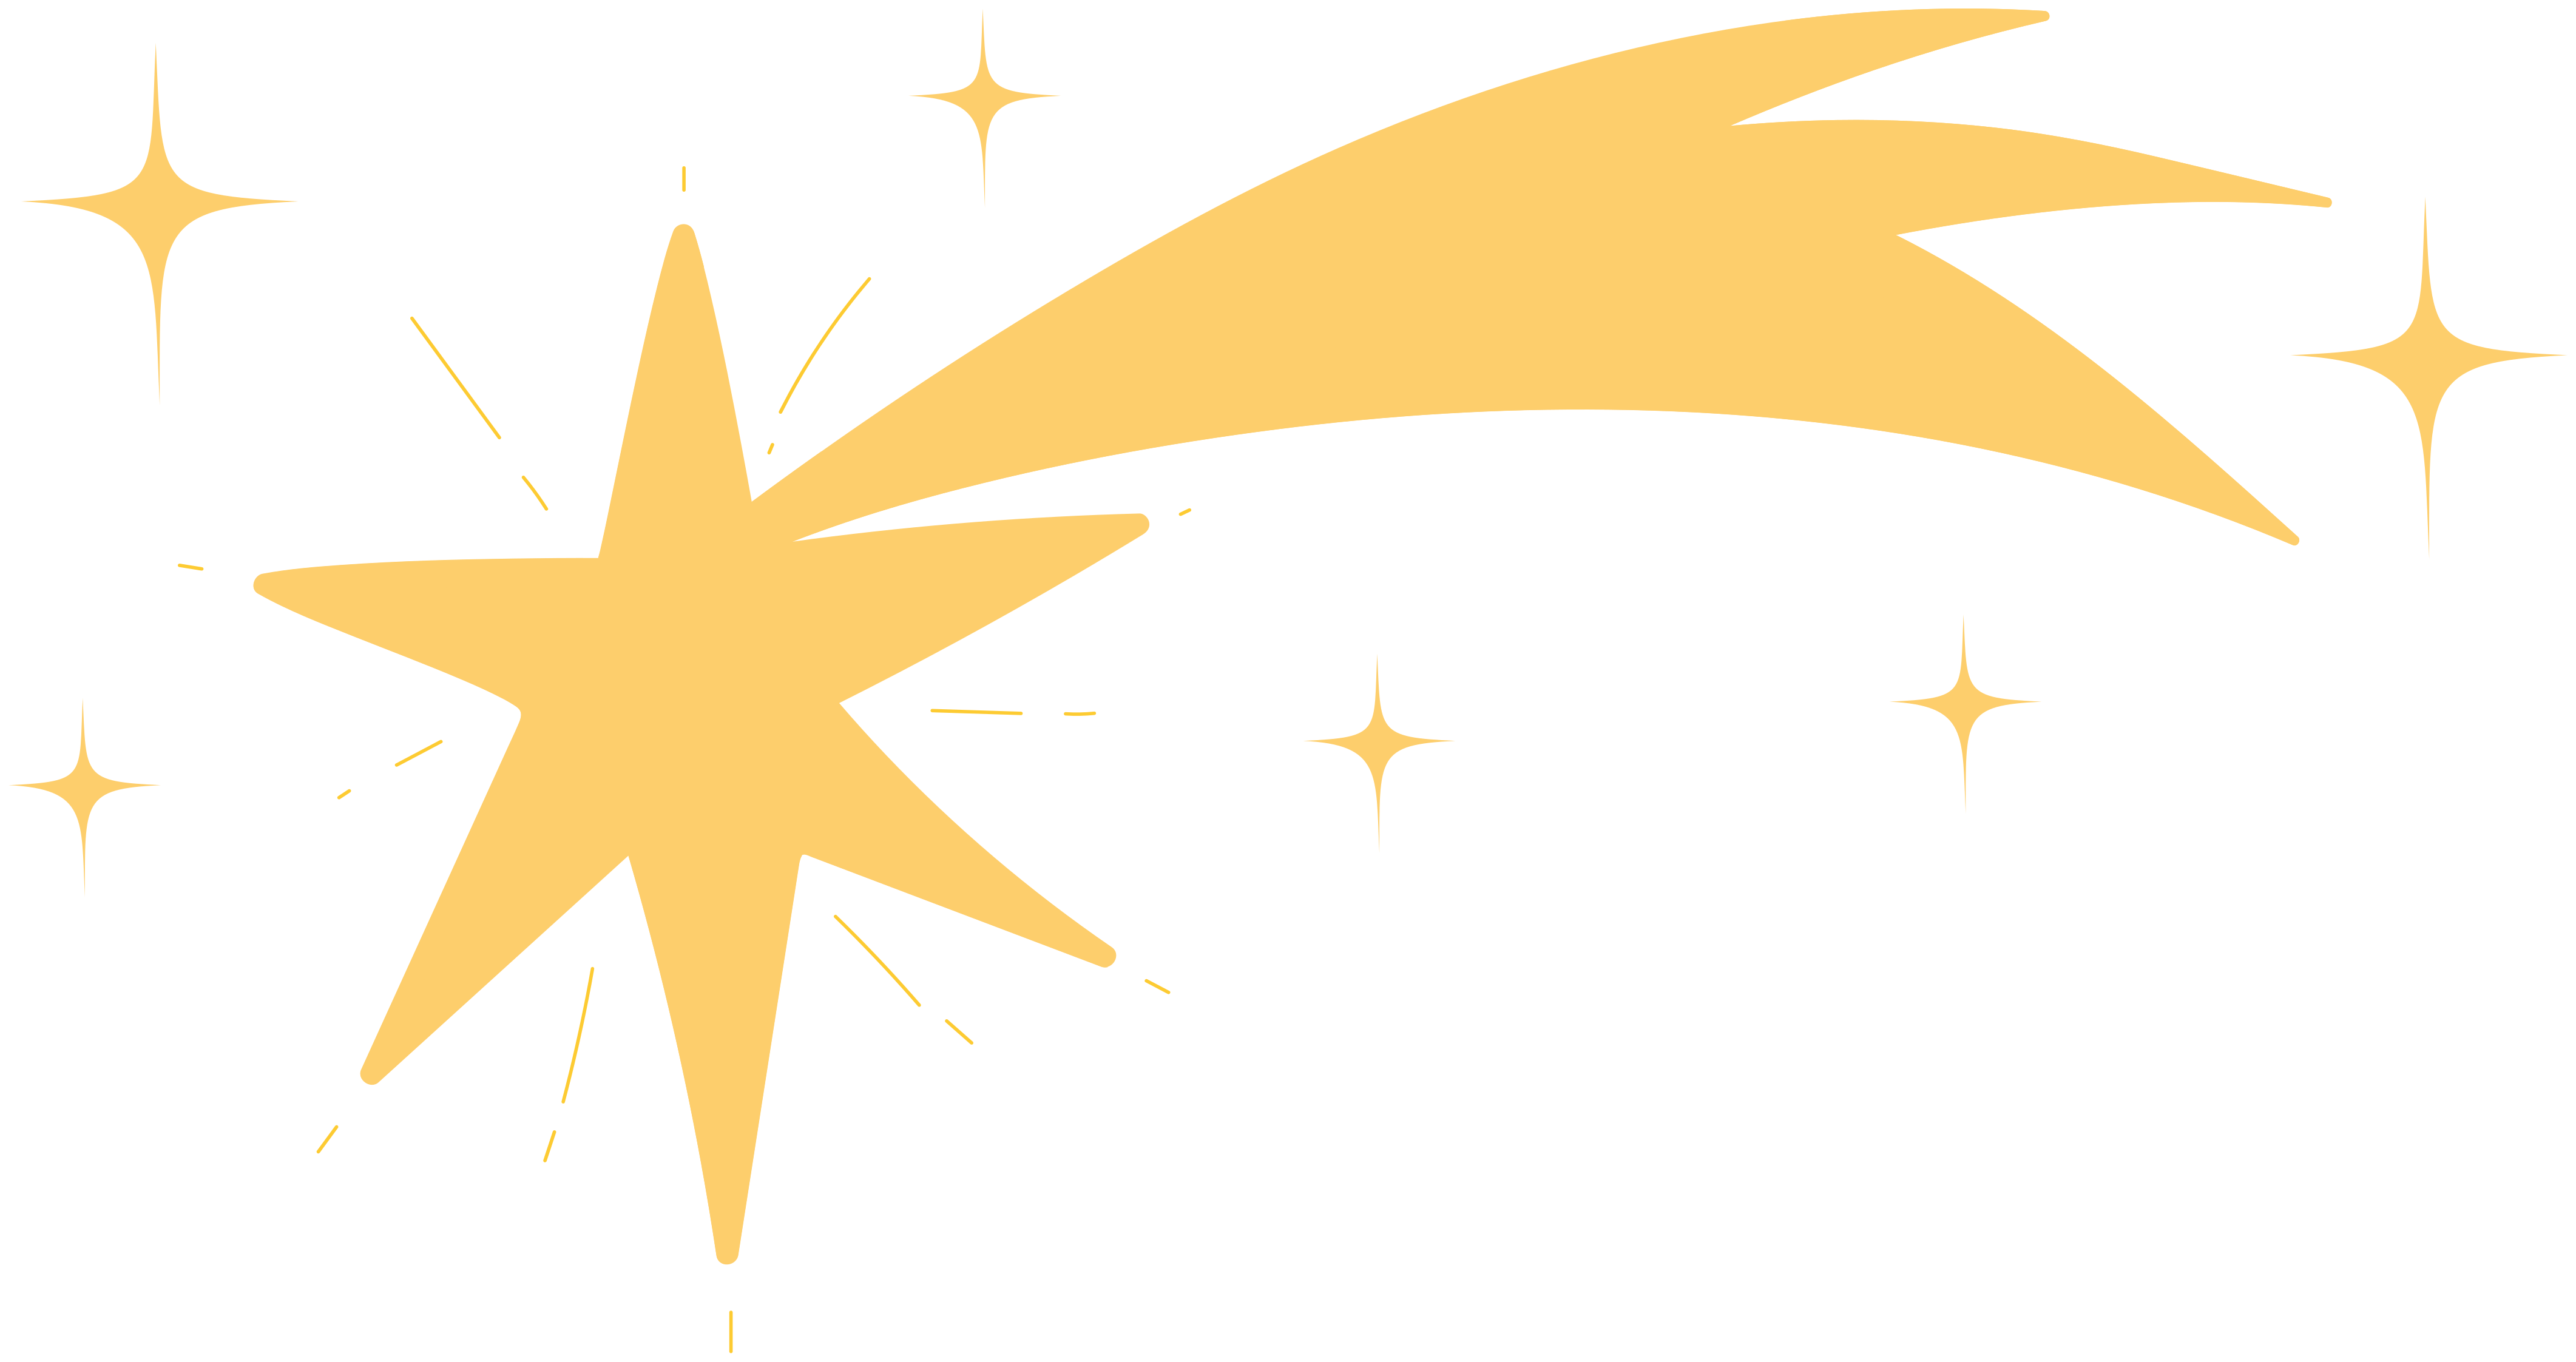 TENSTICKERS. ベツレヘムの星のクリスマスウォールステッカー. ベツレヘムの星のクリスマスデカール。他の小さいものと一緒に大きな星のデザイン、あなたはそれを利用可能な色のいずれかで購入することができます。